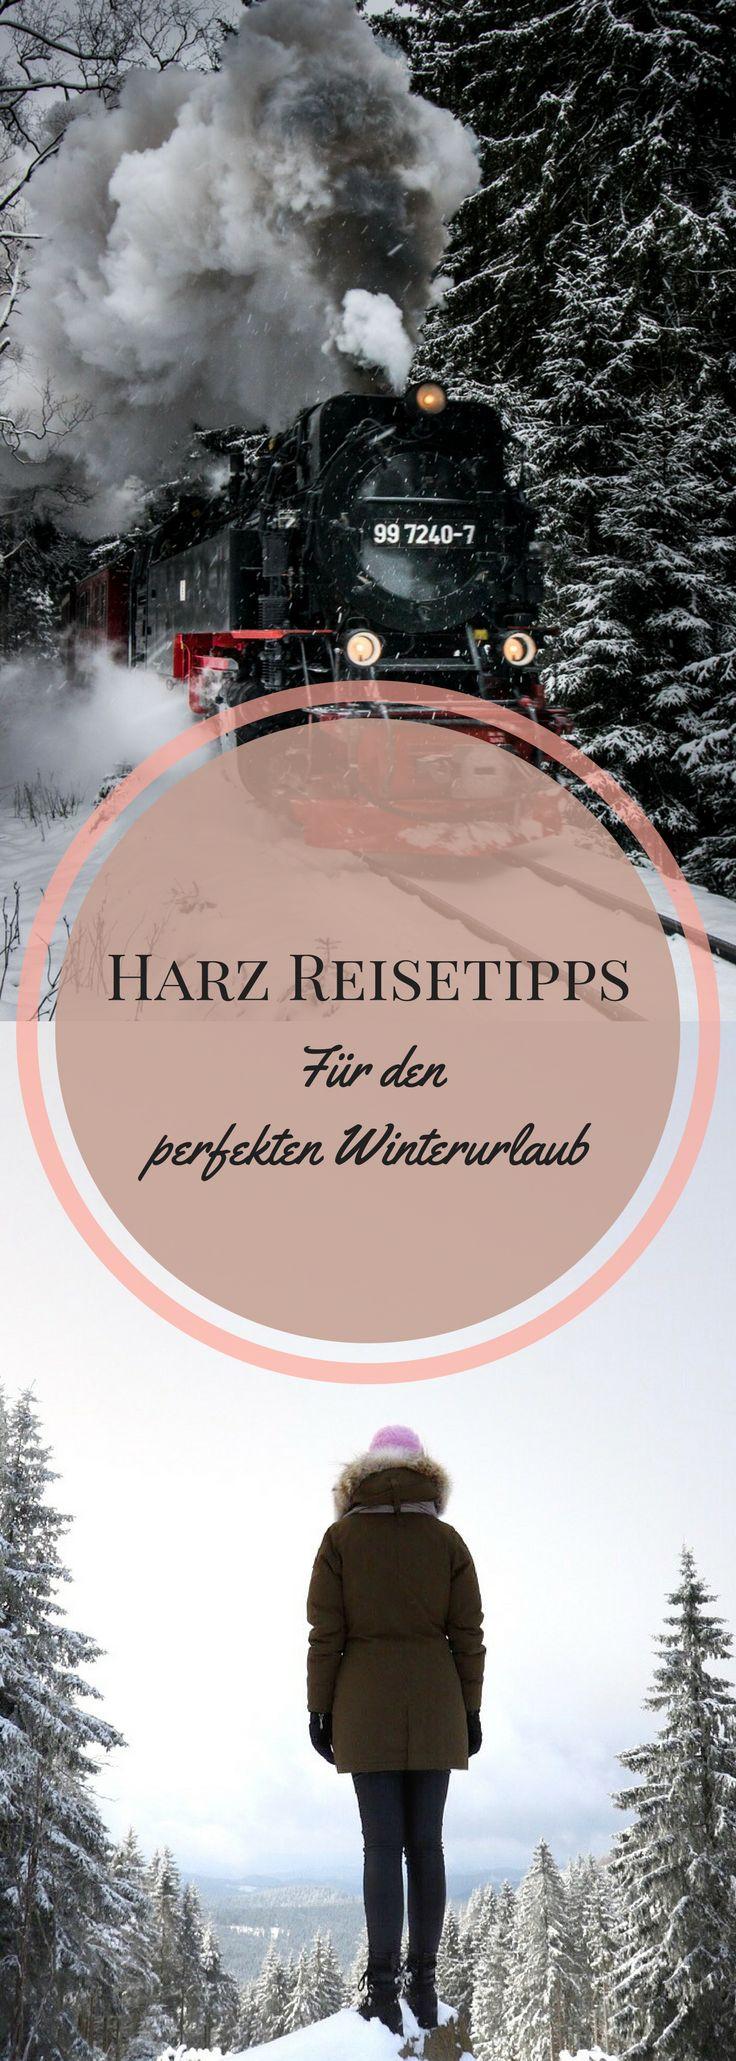 Harz Reisetipps für den perfekten Winterurlaub.